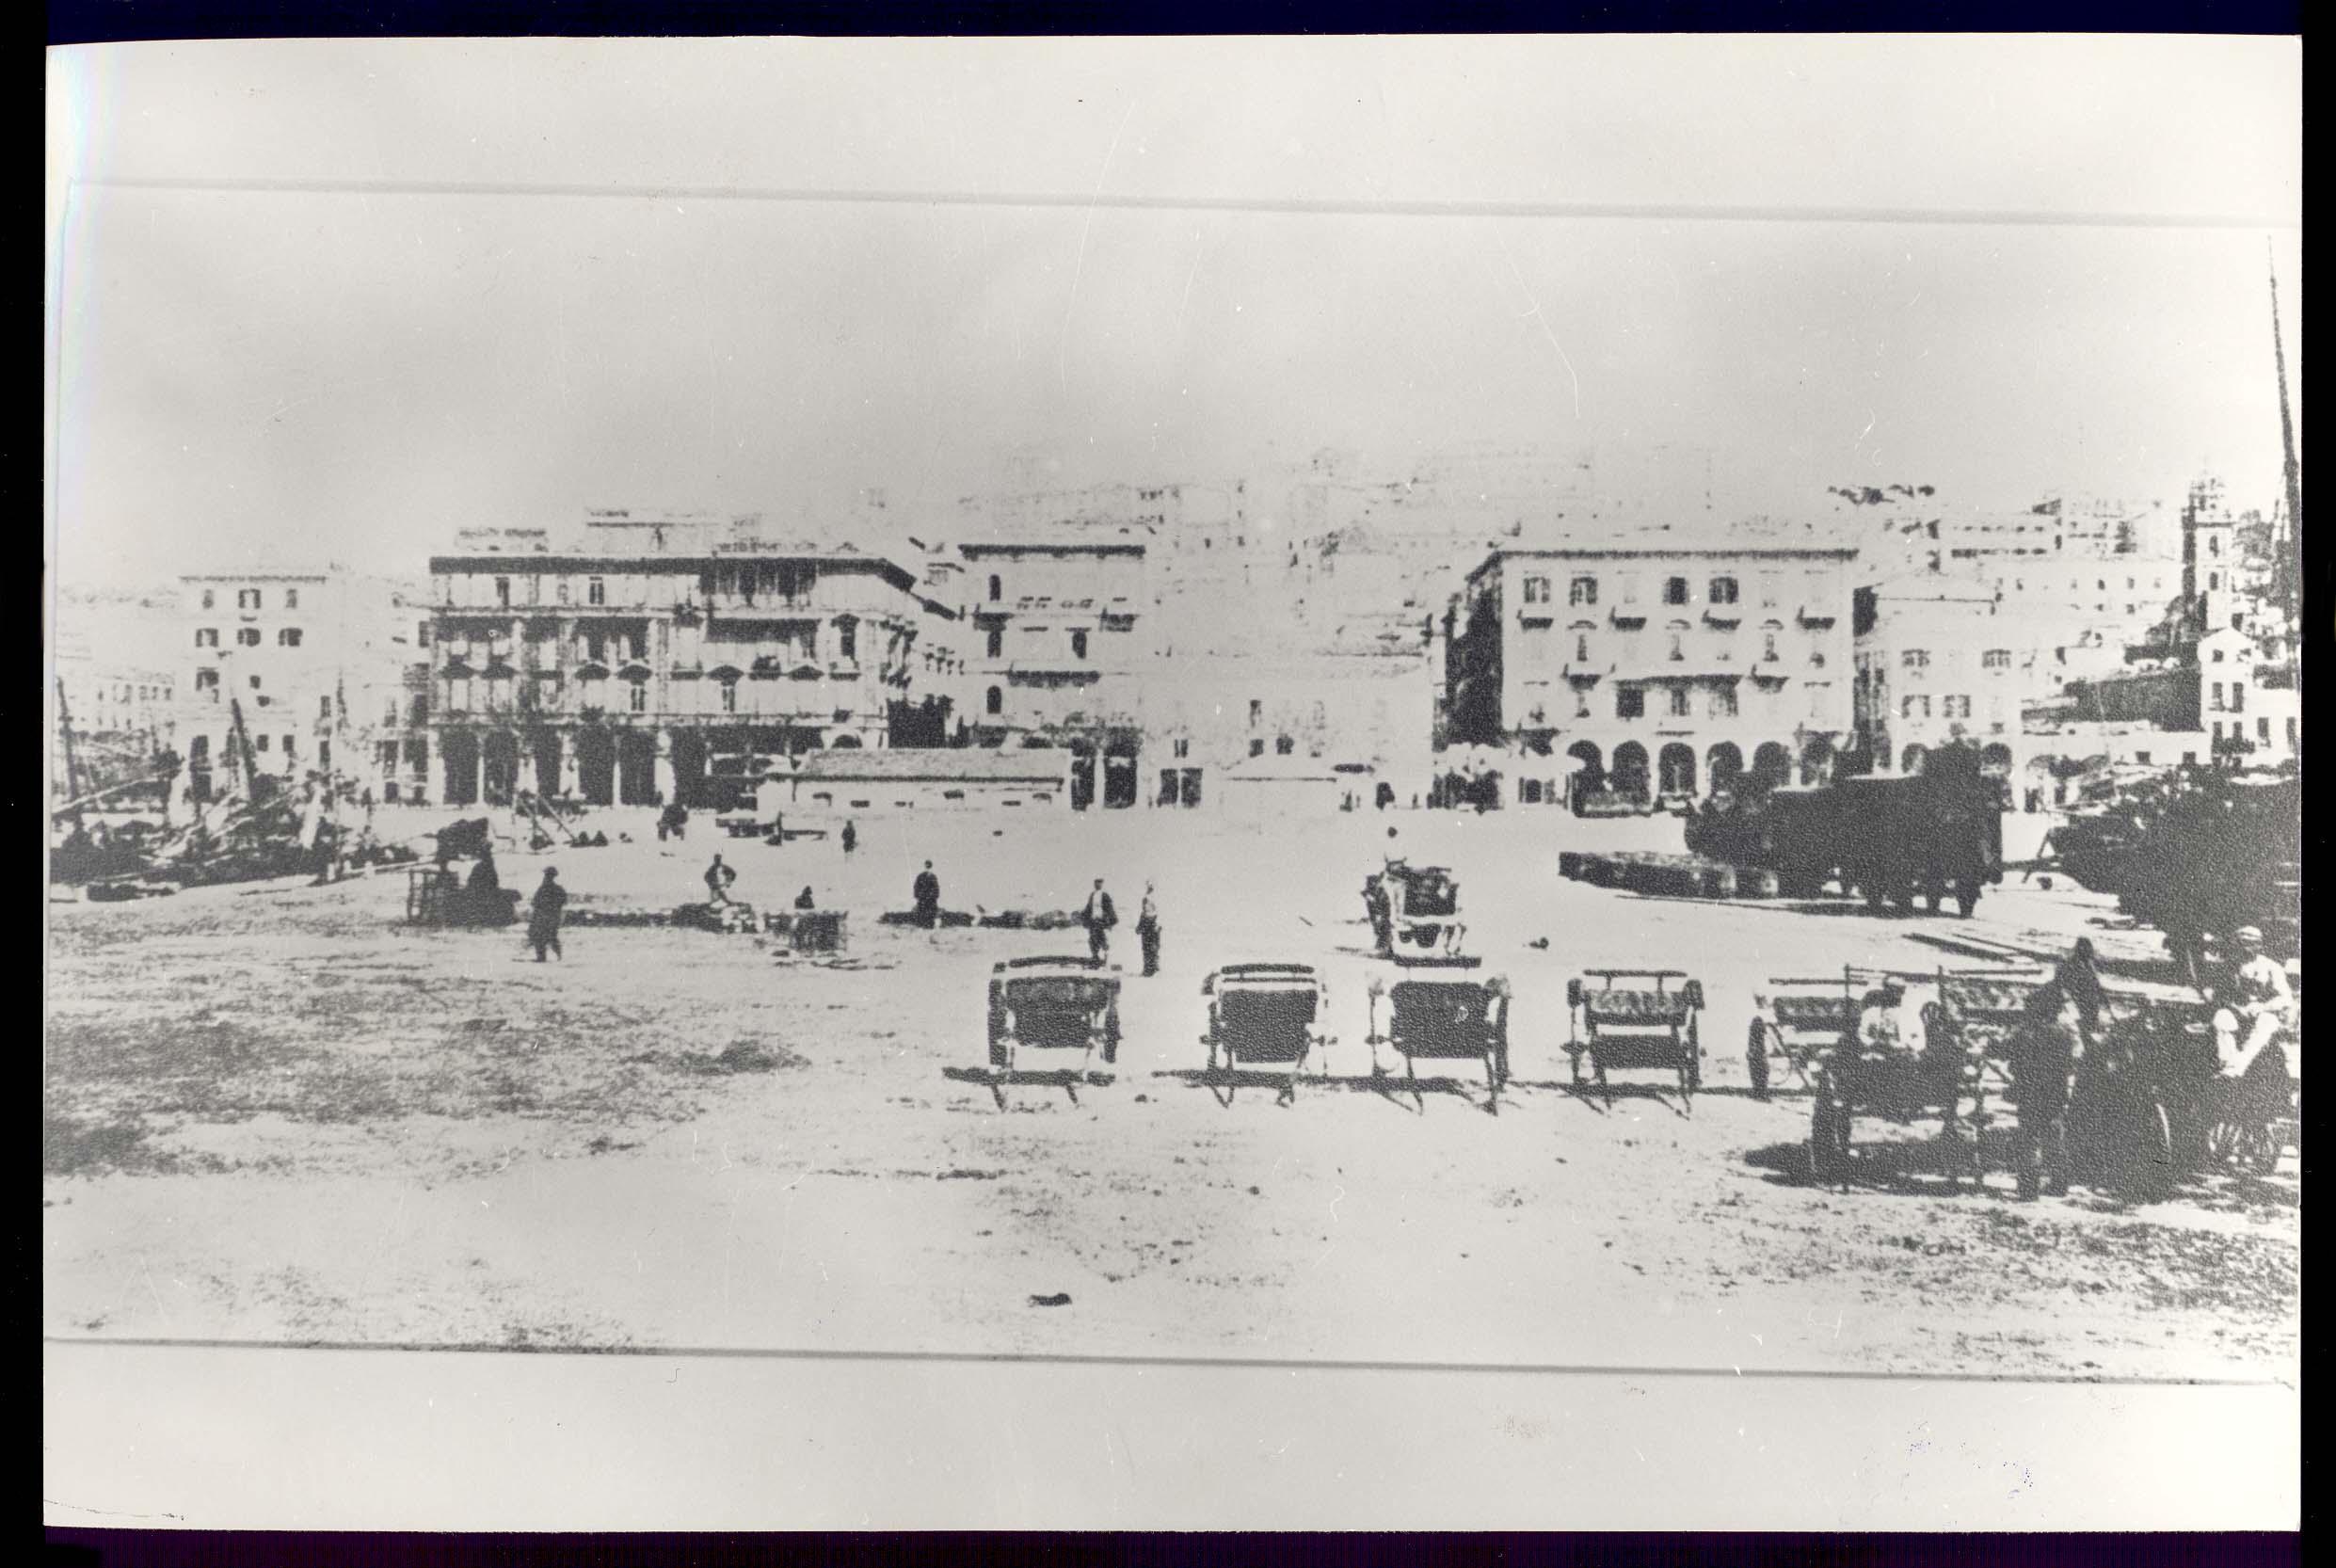 Archivio Comunale - 1880 - Topografia_jpg_foto 0005